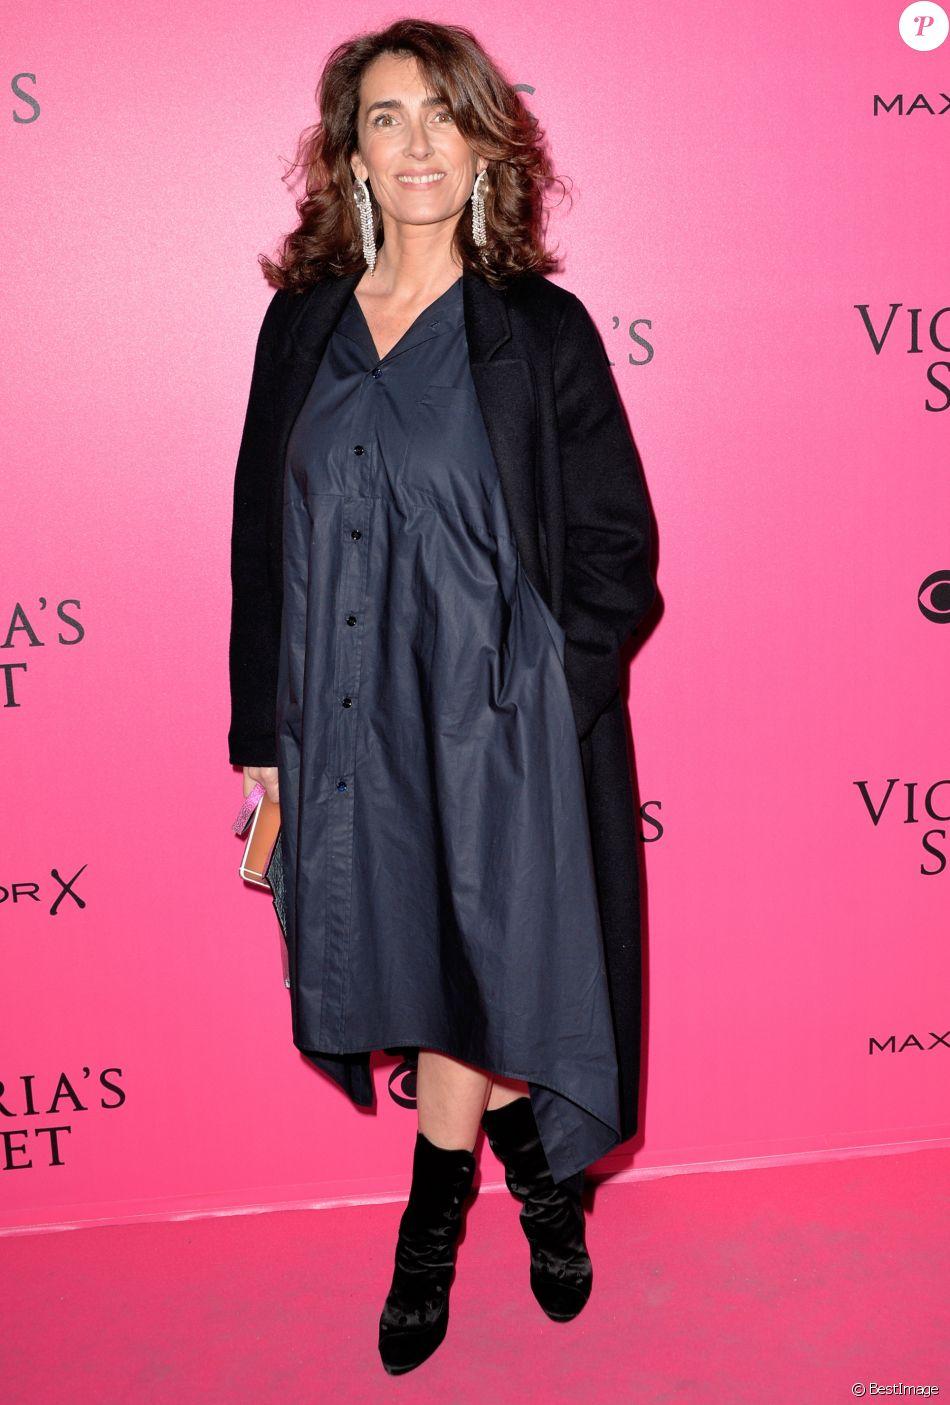 Mademoiselle Agnès (Agnès Boulard) lors du photocall du Victoria's Secret Fashion 2016 au Grand Palais à Paris, France, le 30novembre 2016. © BOV/Bestimage